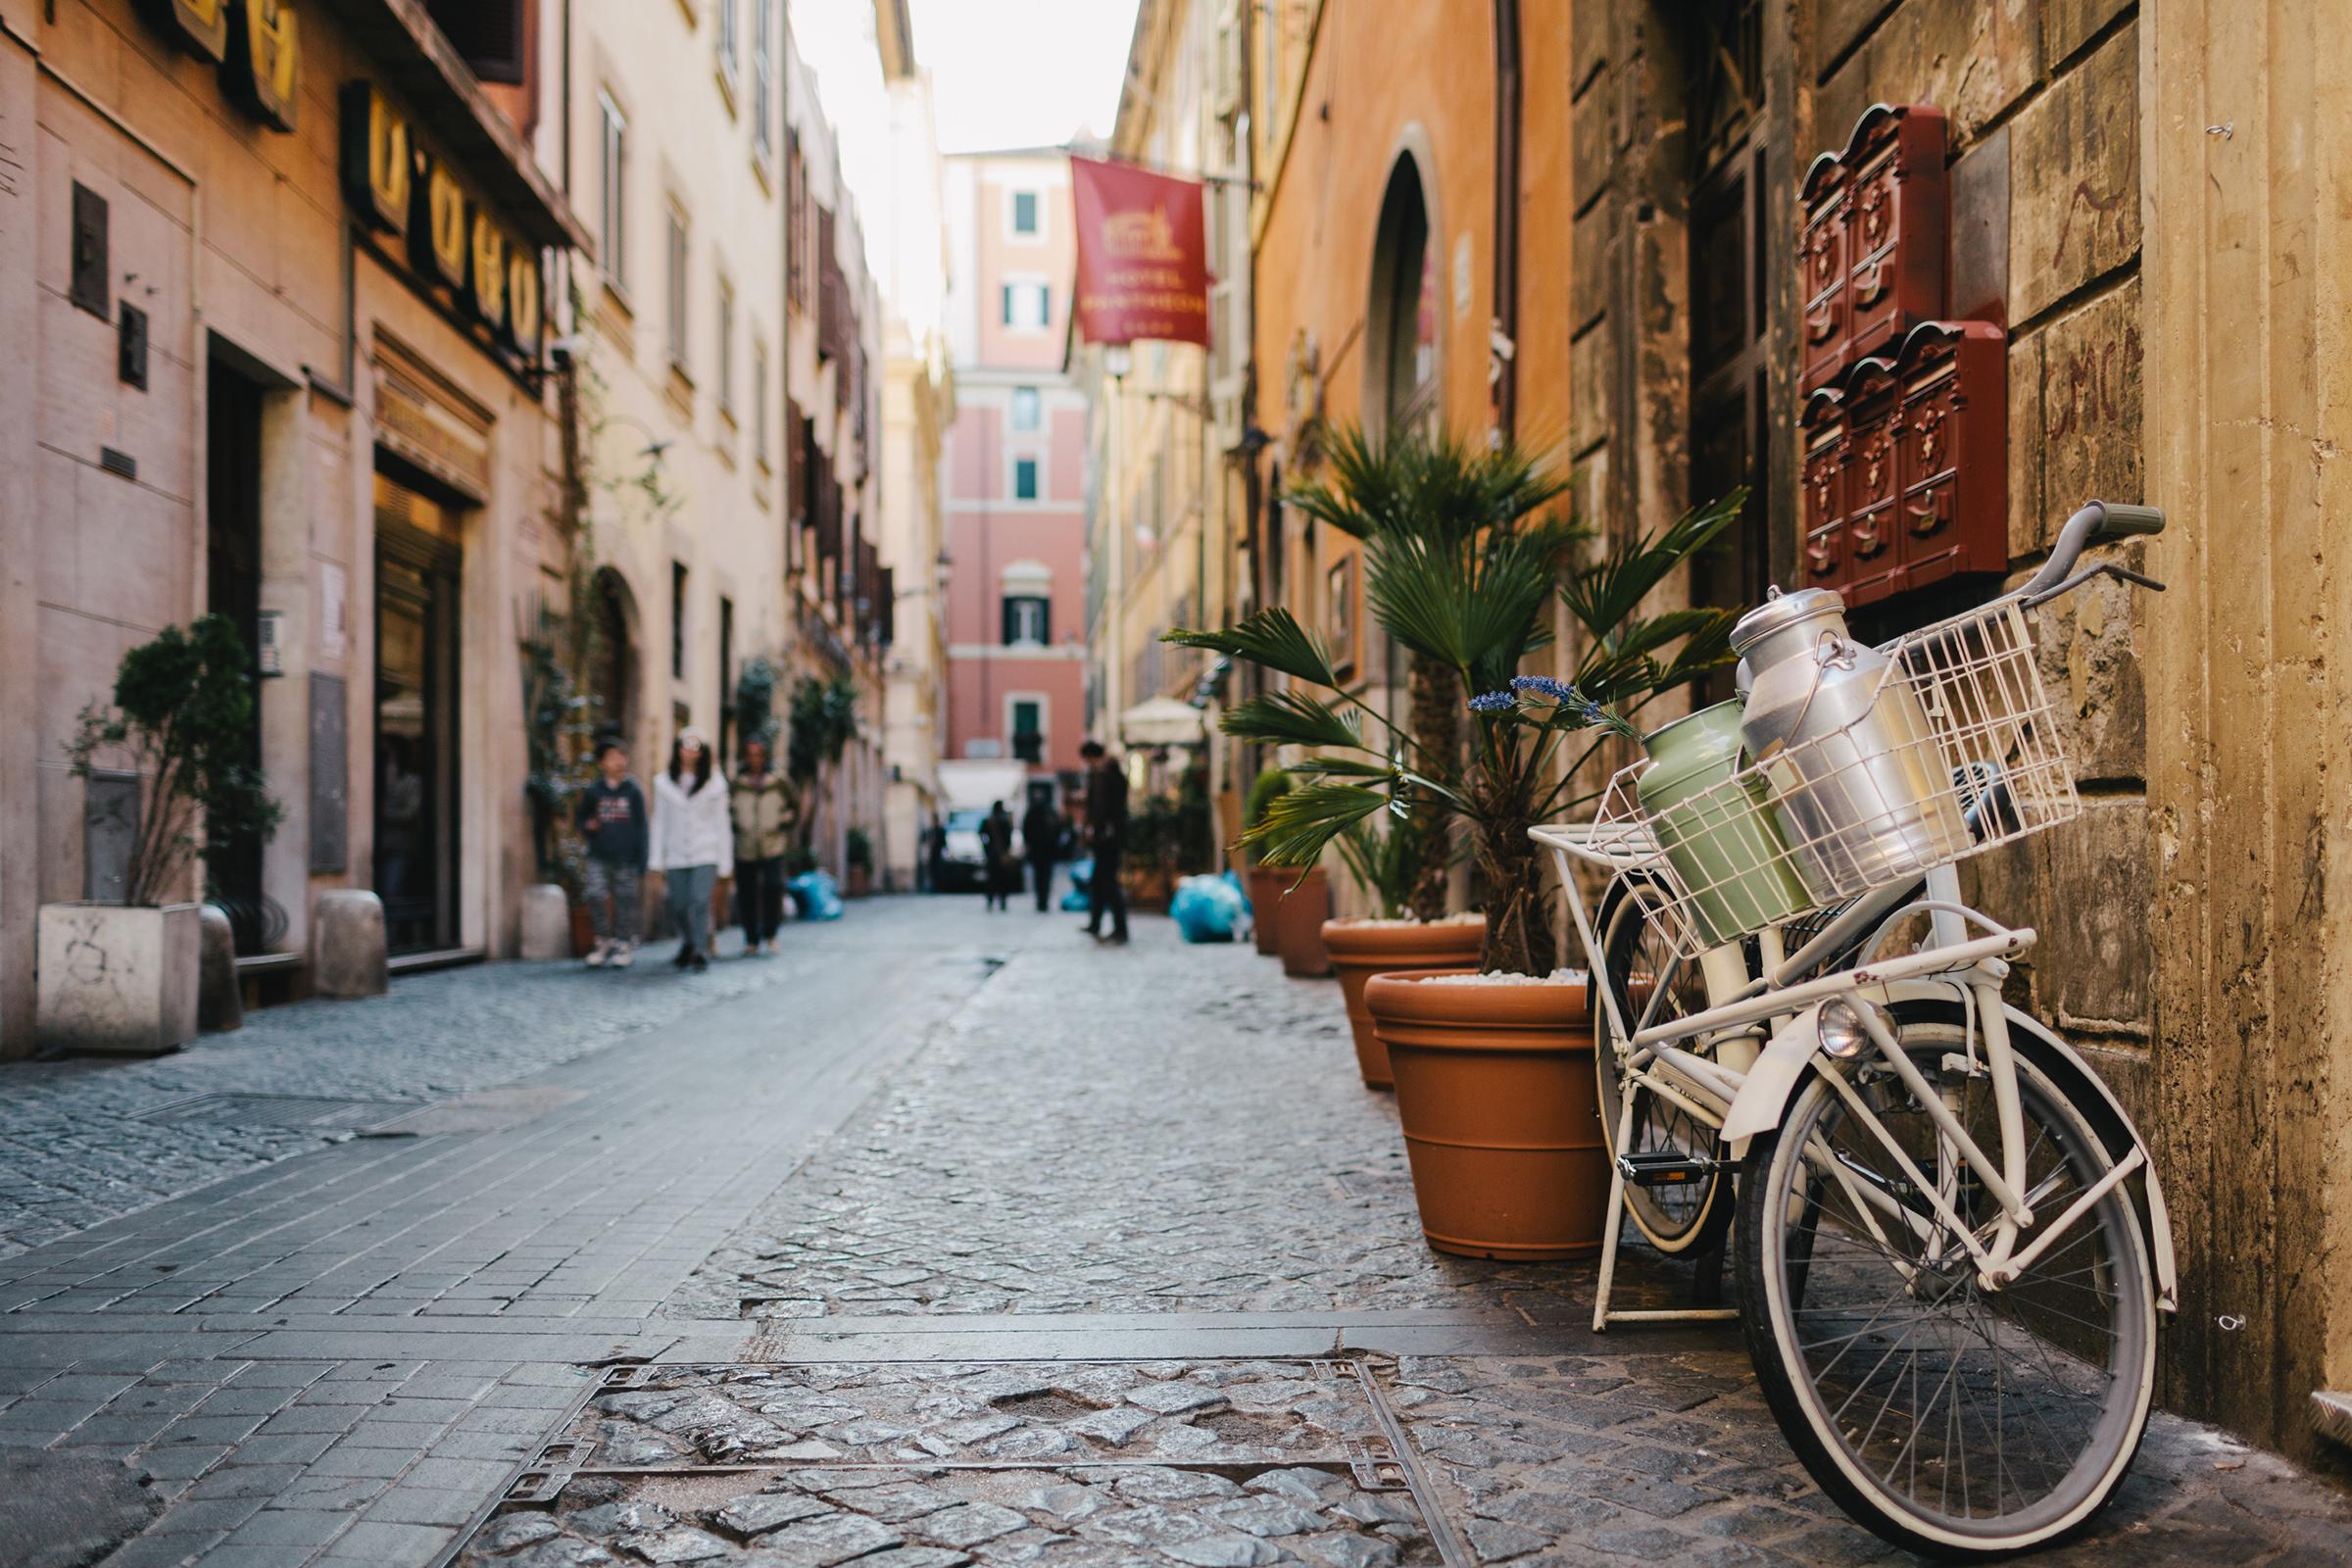 Roma El nuevo centro de diversiones bohemio